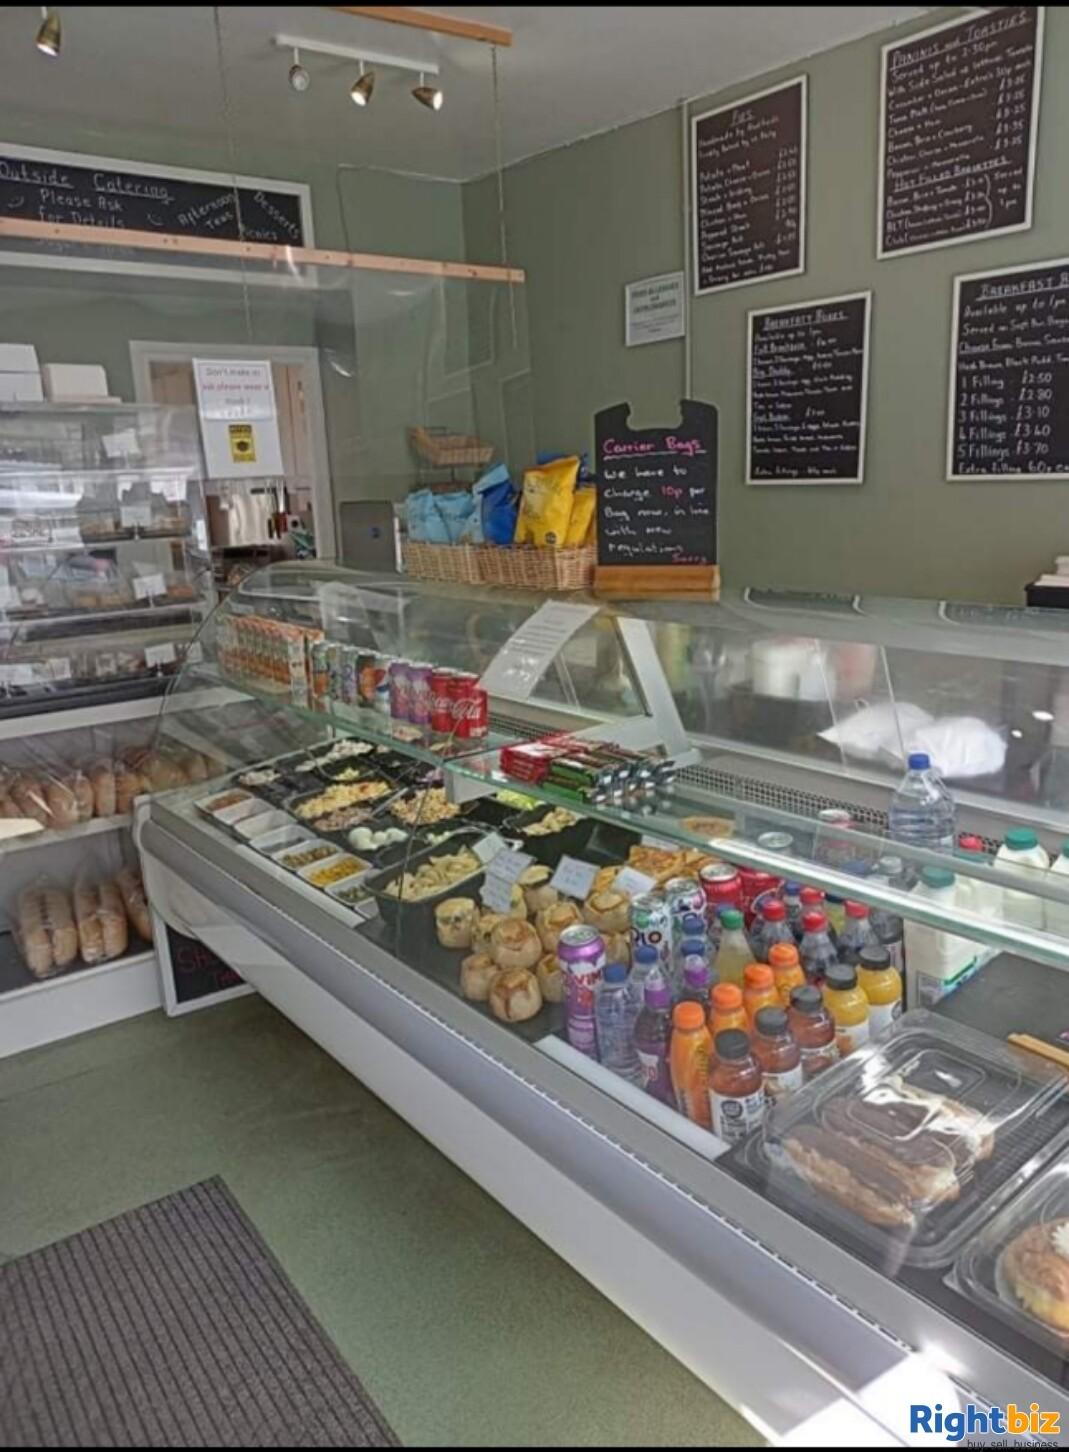 Sandwich shop for sale in Bolton-le-Sands, Lancashire - Image 3